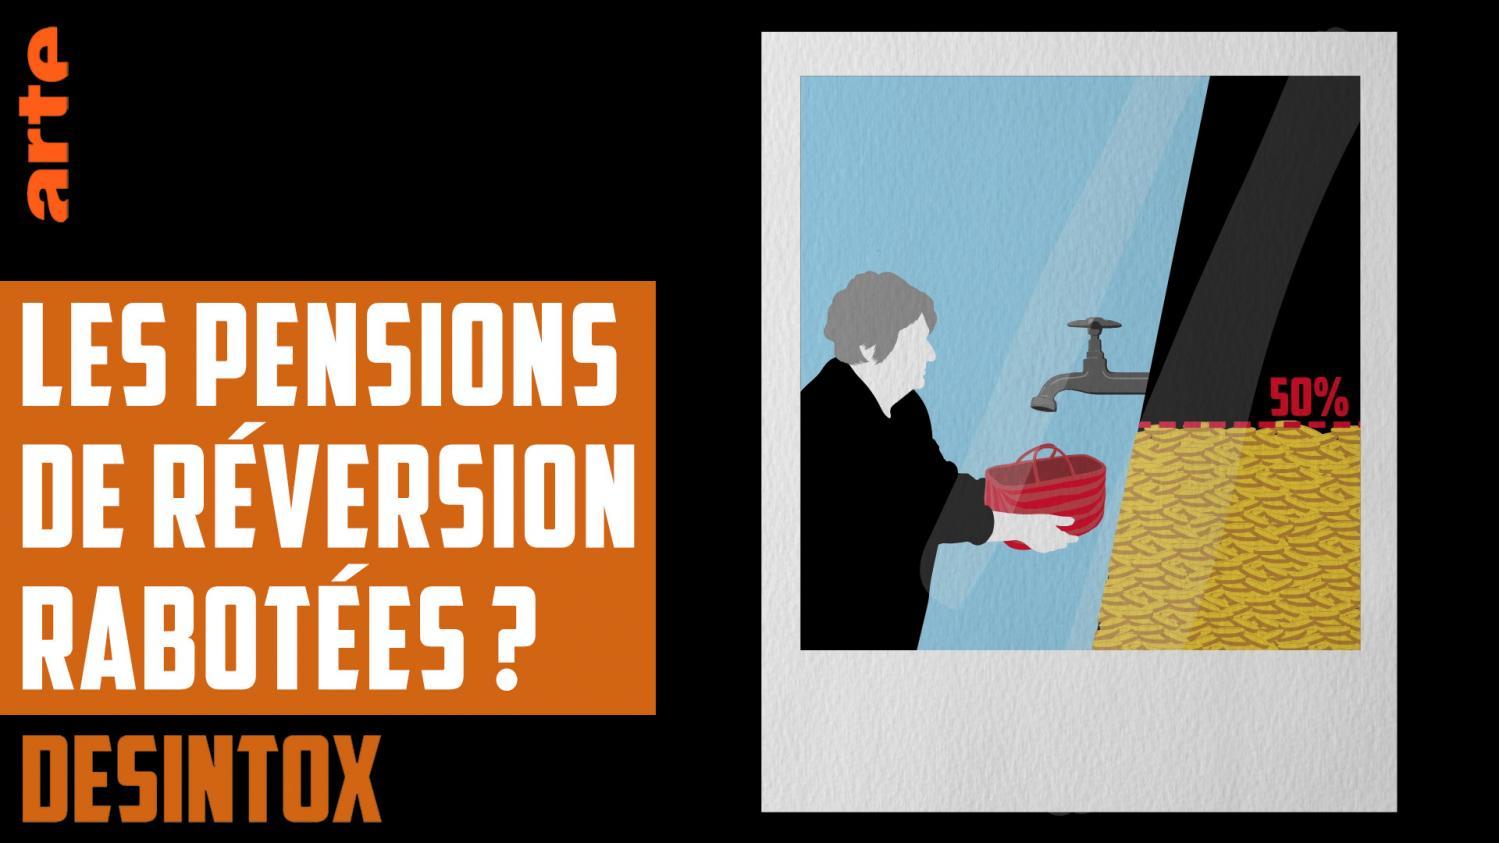 Desintox Retraite Rien N Est Encore Decide Sur Les Pensions De